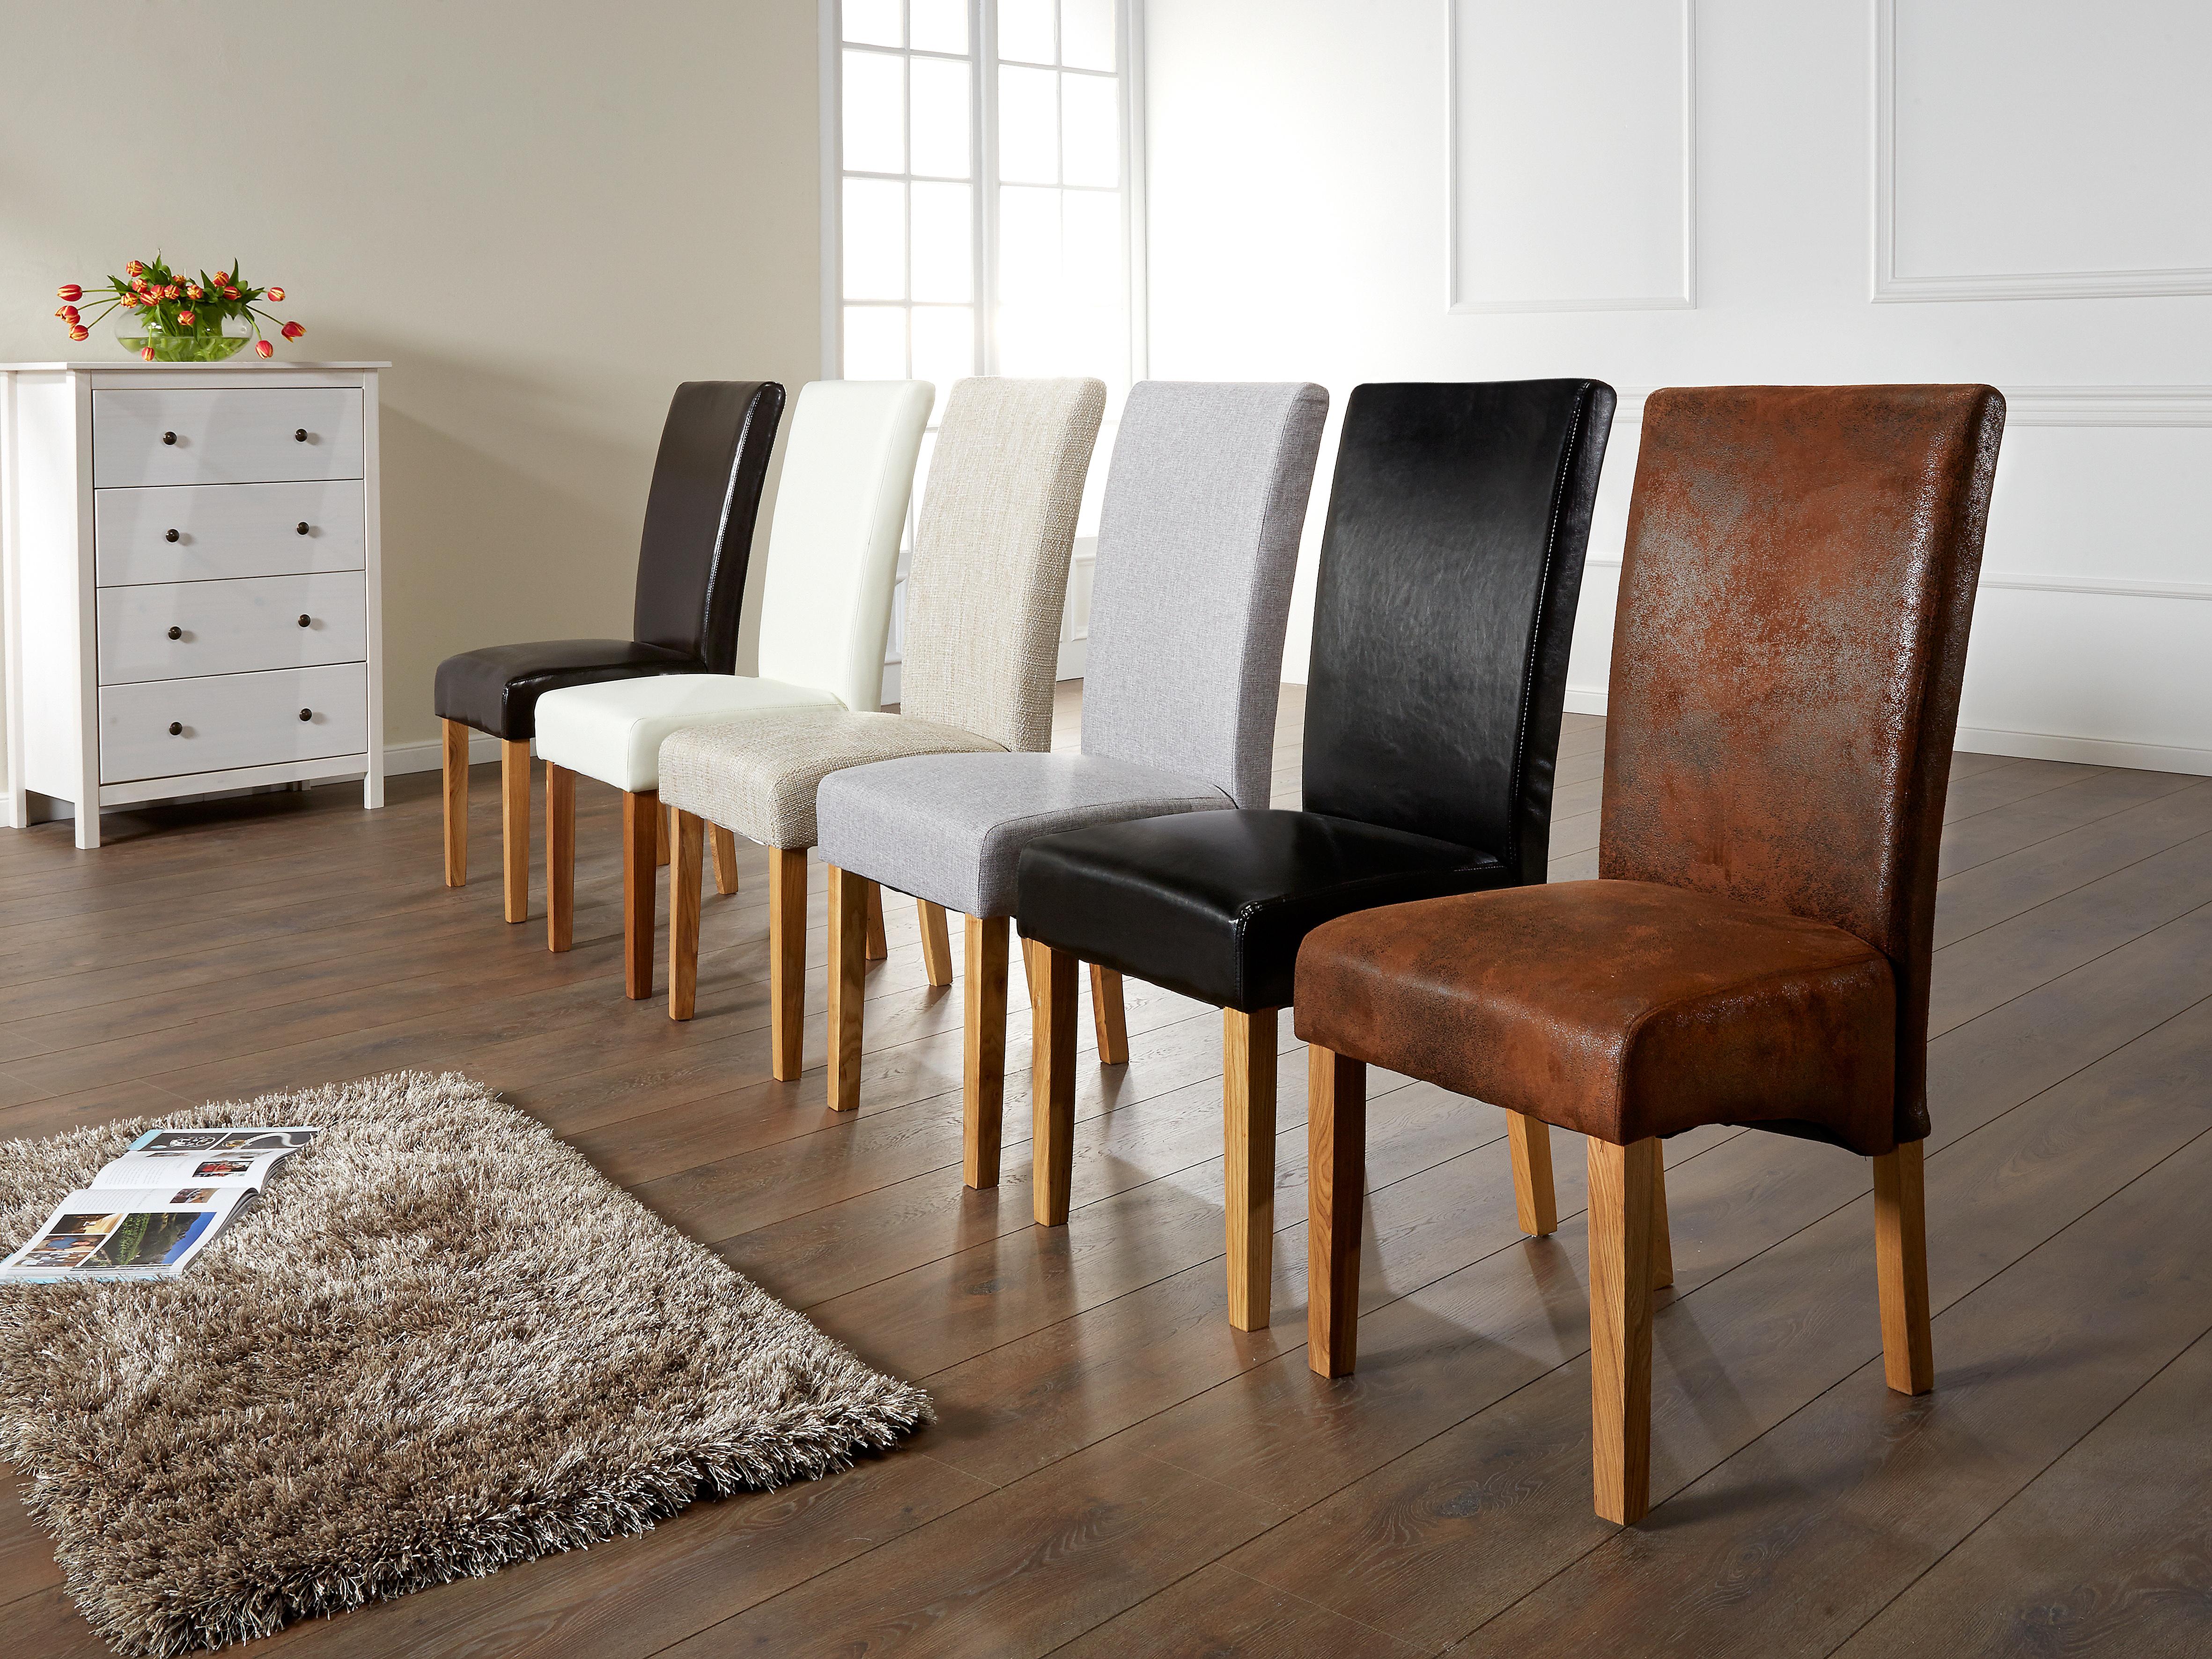 presse info d nisches bettenlager frische ideen f r das esszimmer pressemitteilung. Black Bedroom Furniture Sets. Home Design Ideas